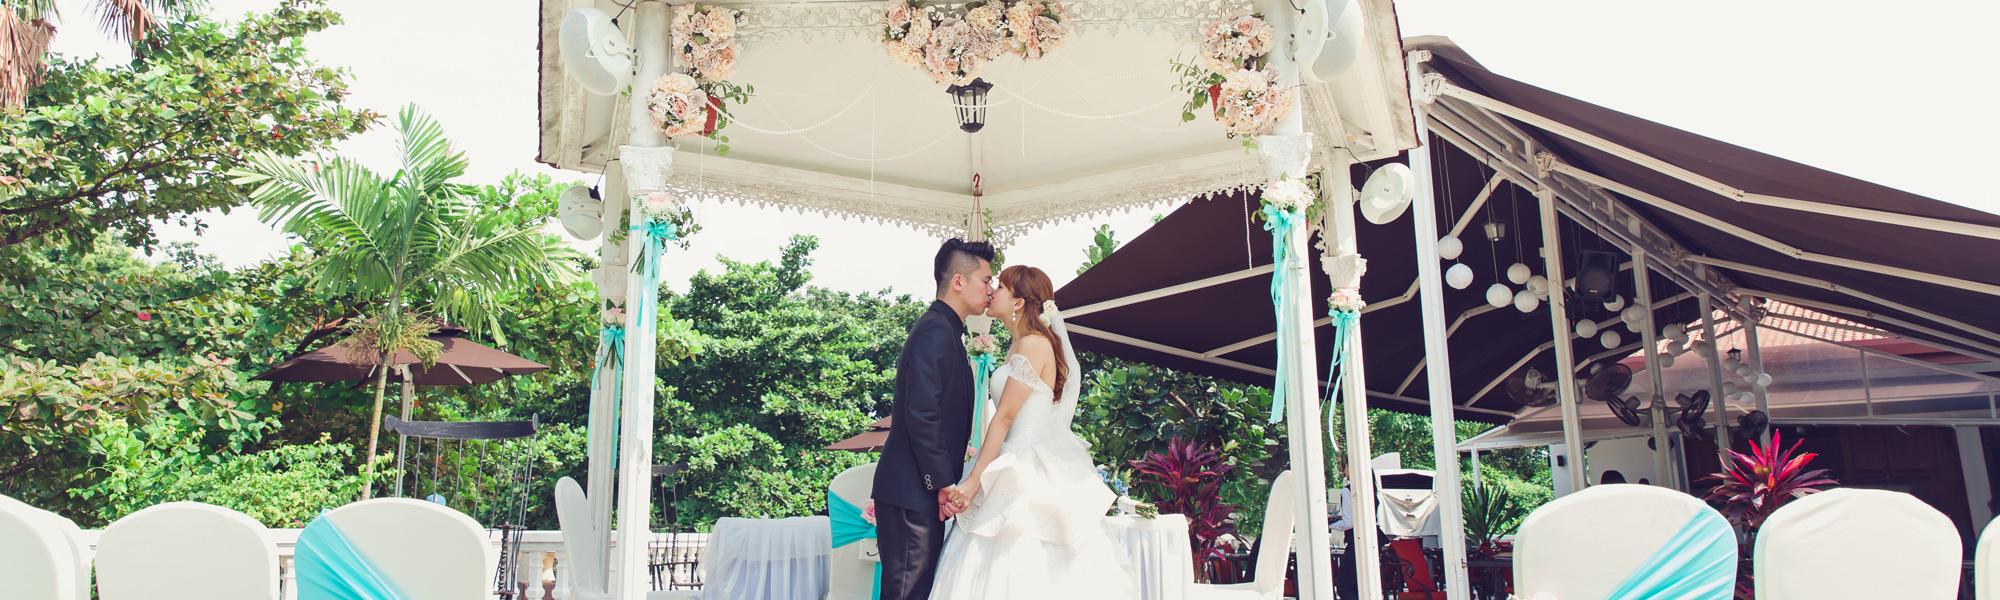 Mr & Mrs Mode Wedding Day – Part 1